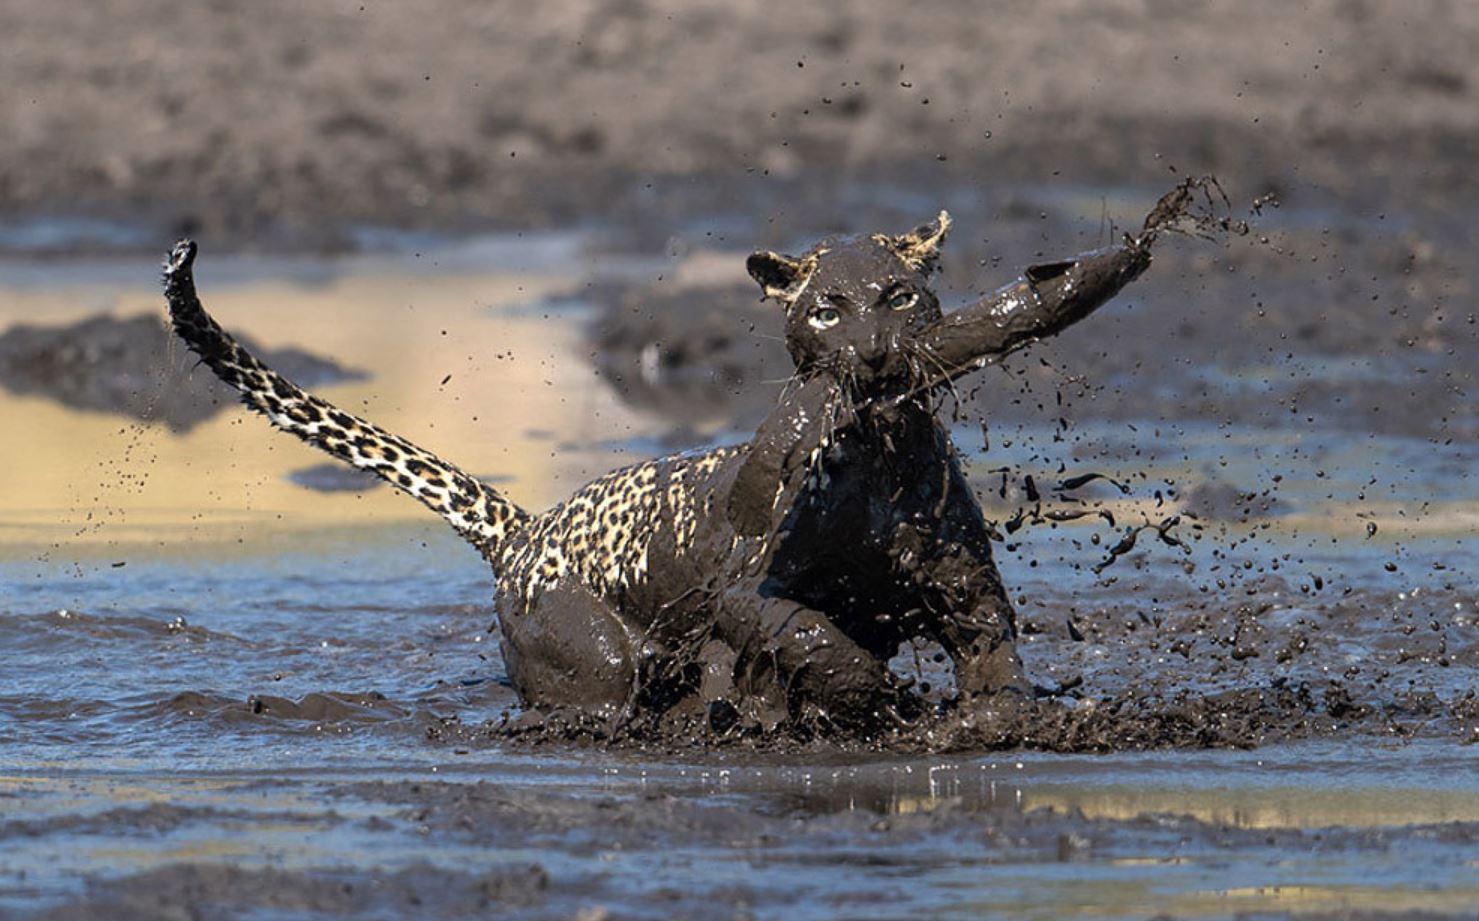 Леопард ловит рыбу, красивые фото дикой кошки в природе